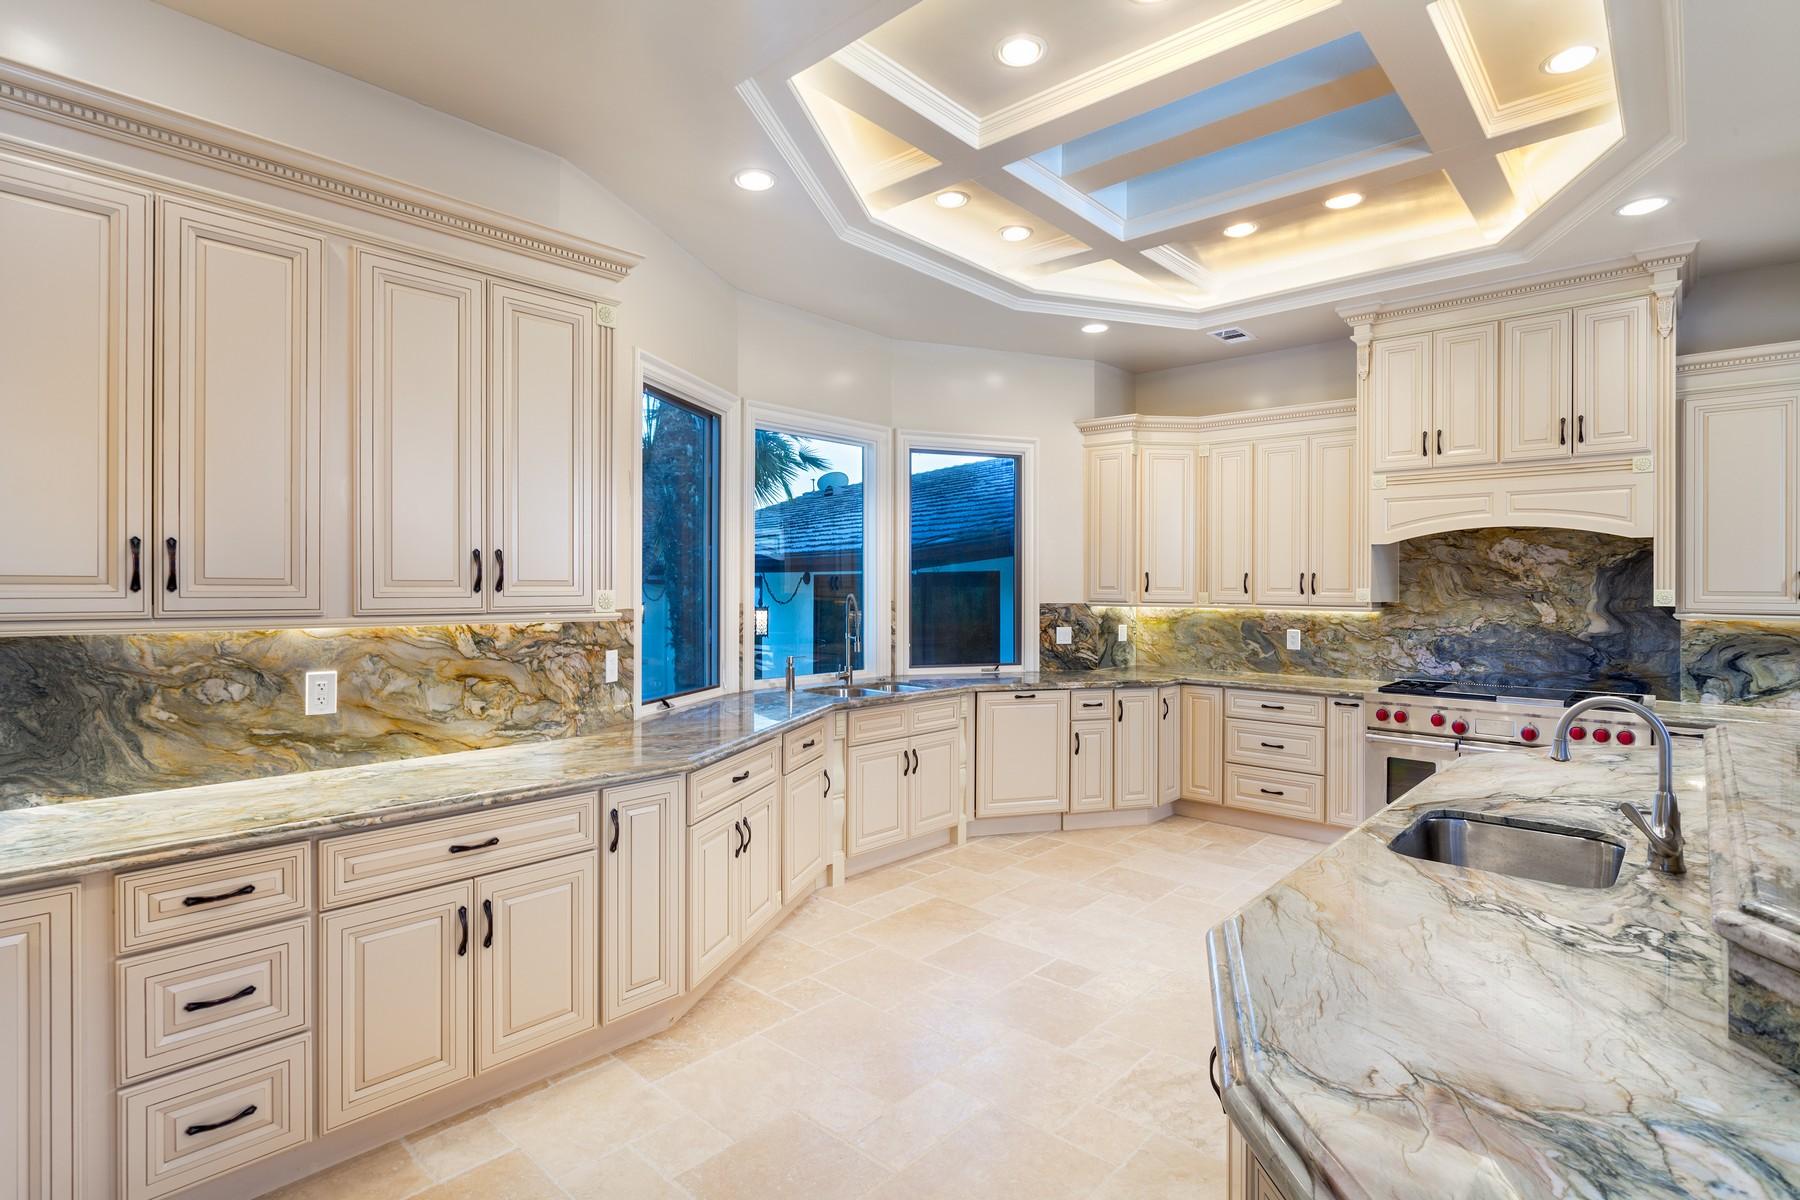 独户住宅 为 销售 在 4810 La Jacaranda Rancho Santa Fe, 加利福尼亚州 92067 美国